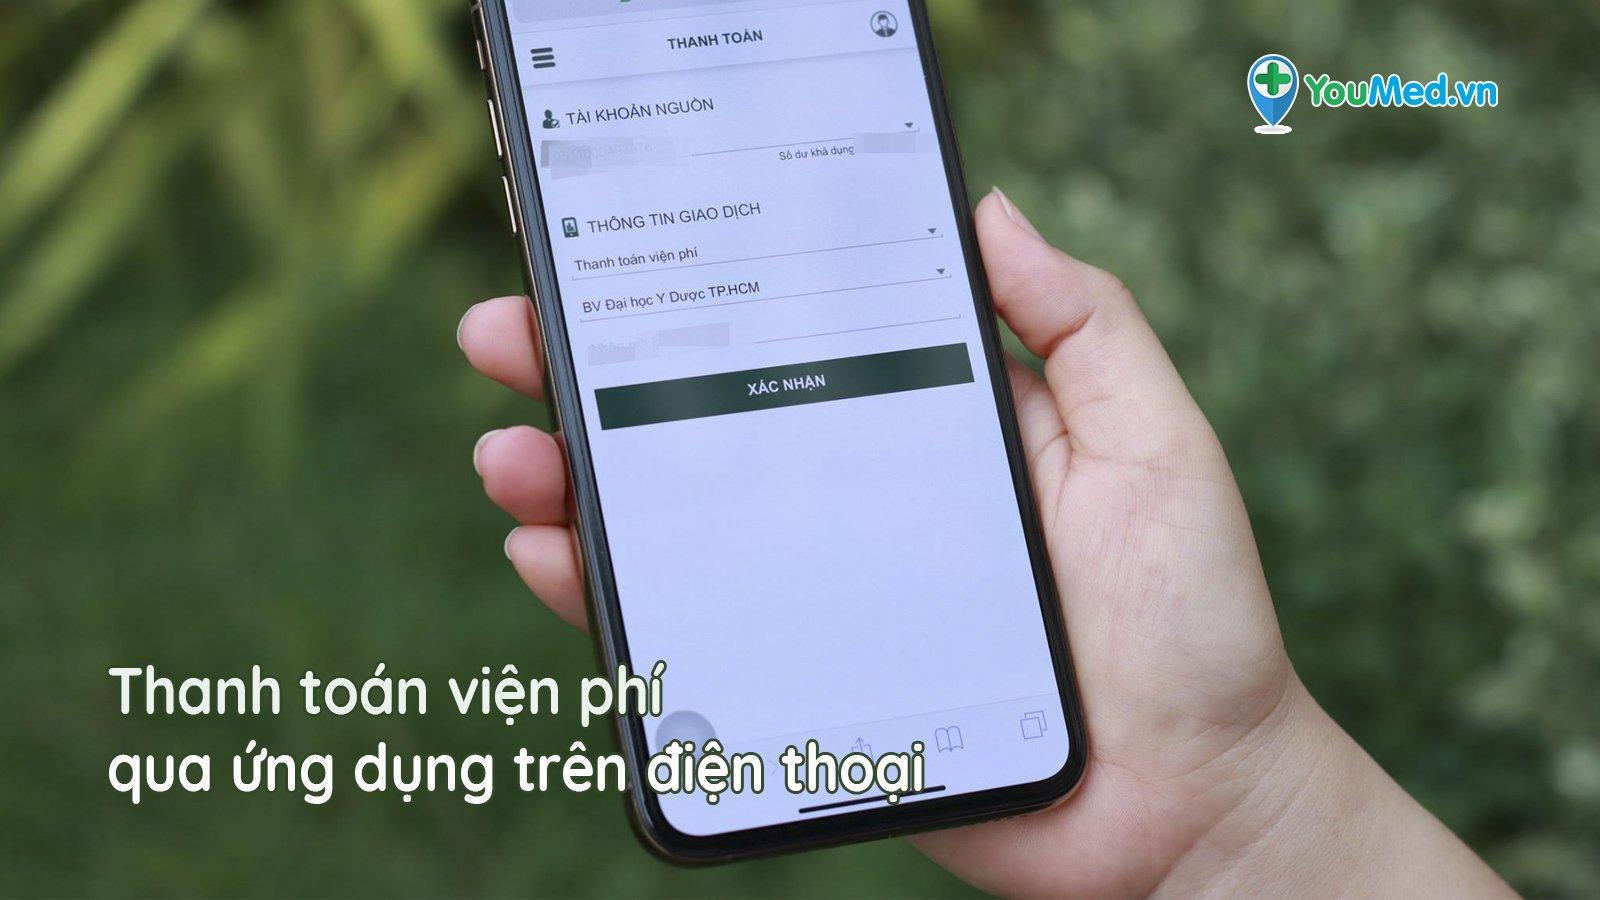 Không cần tiền mặt: Đã có bệnh viện đầu tiên thanh toán qua ứng dụng điện thoại